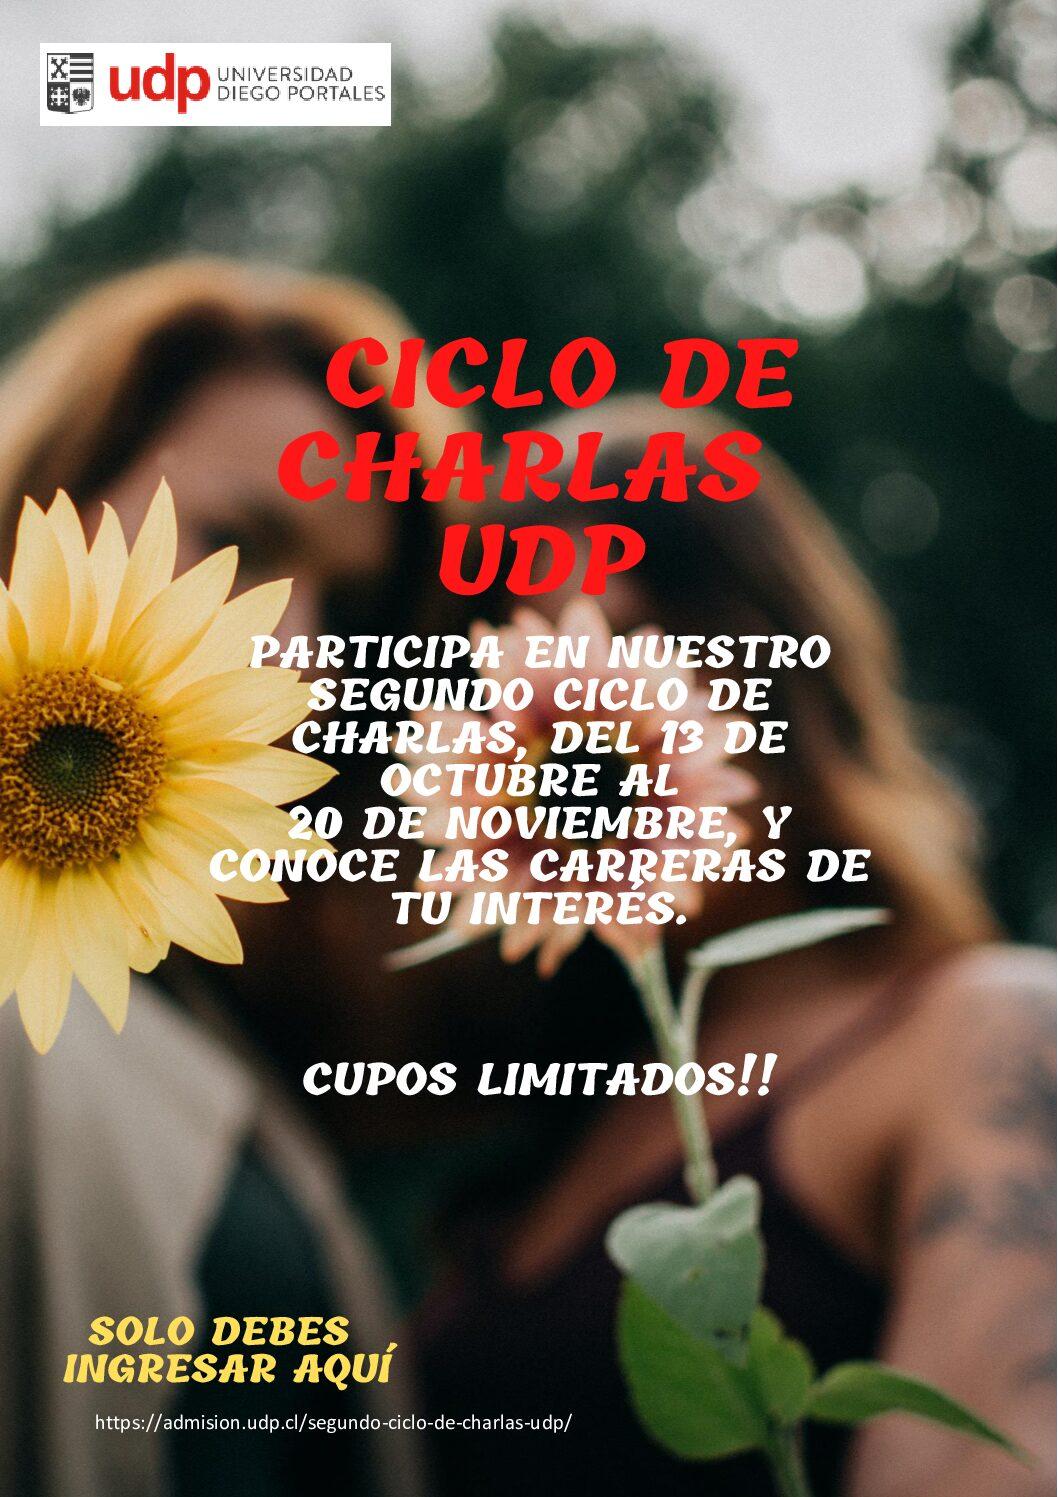 Ciclo de Charlas UDP